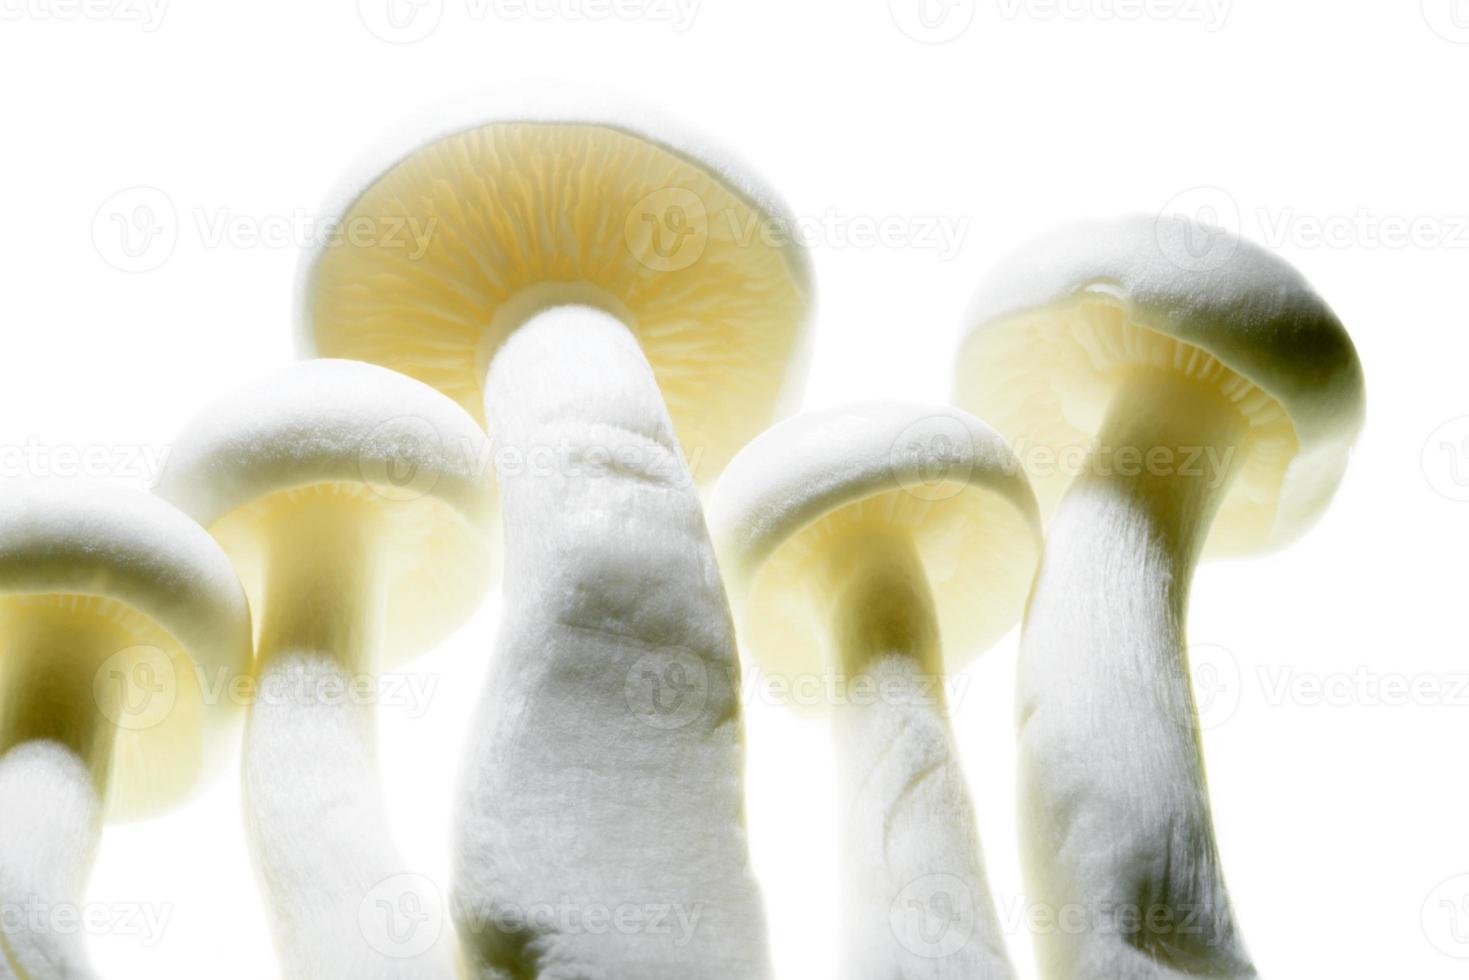 närbild av svamp foto